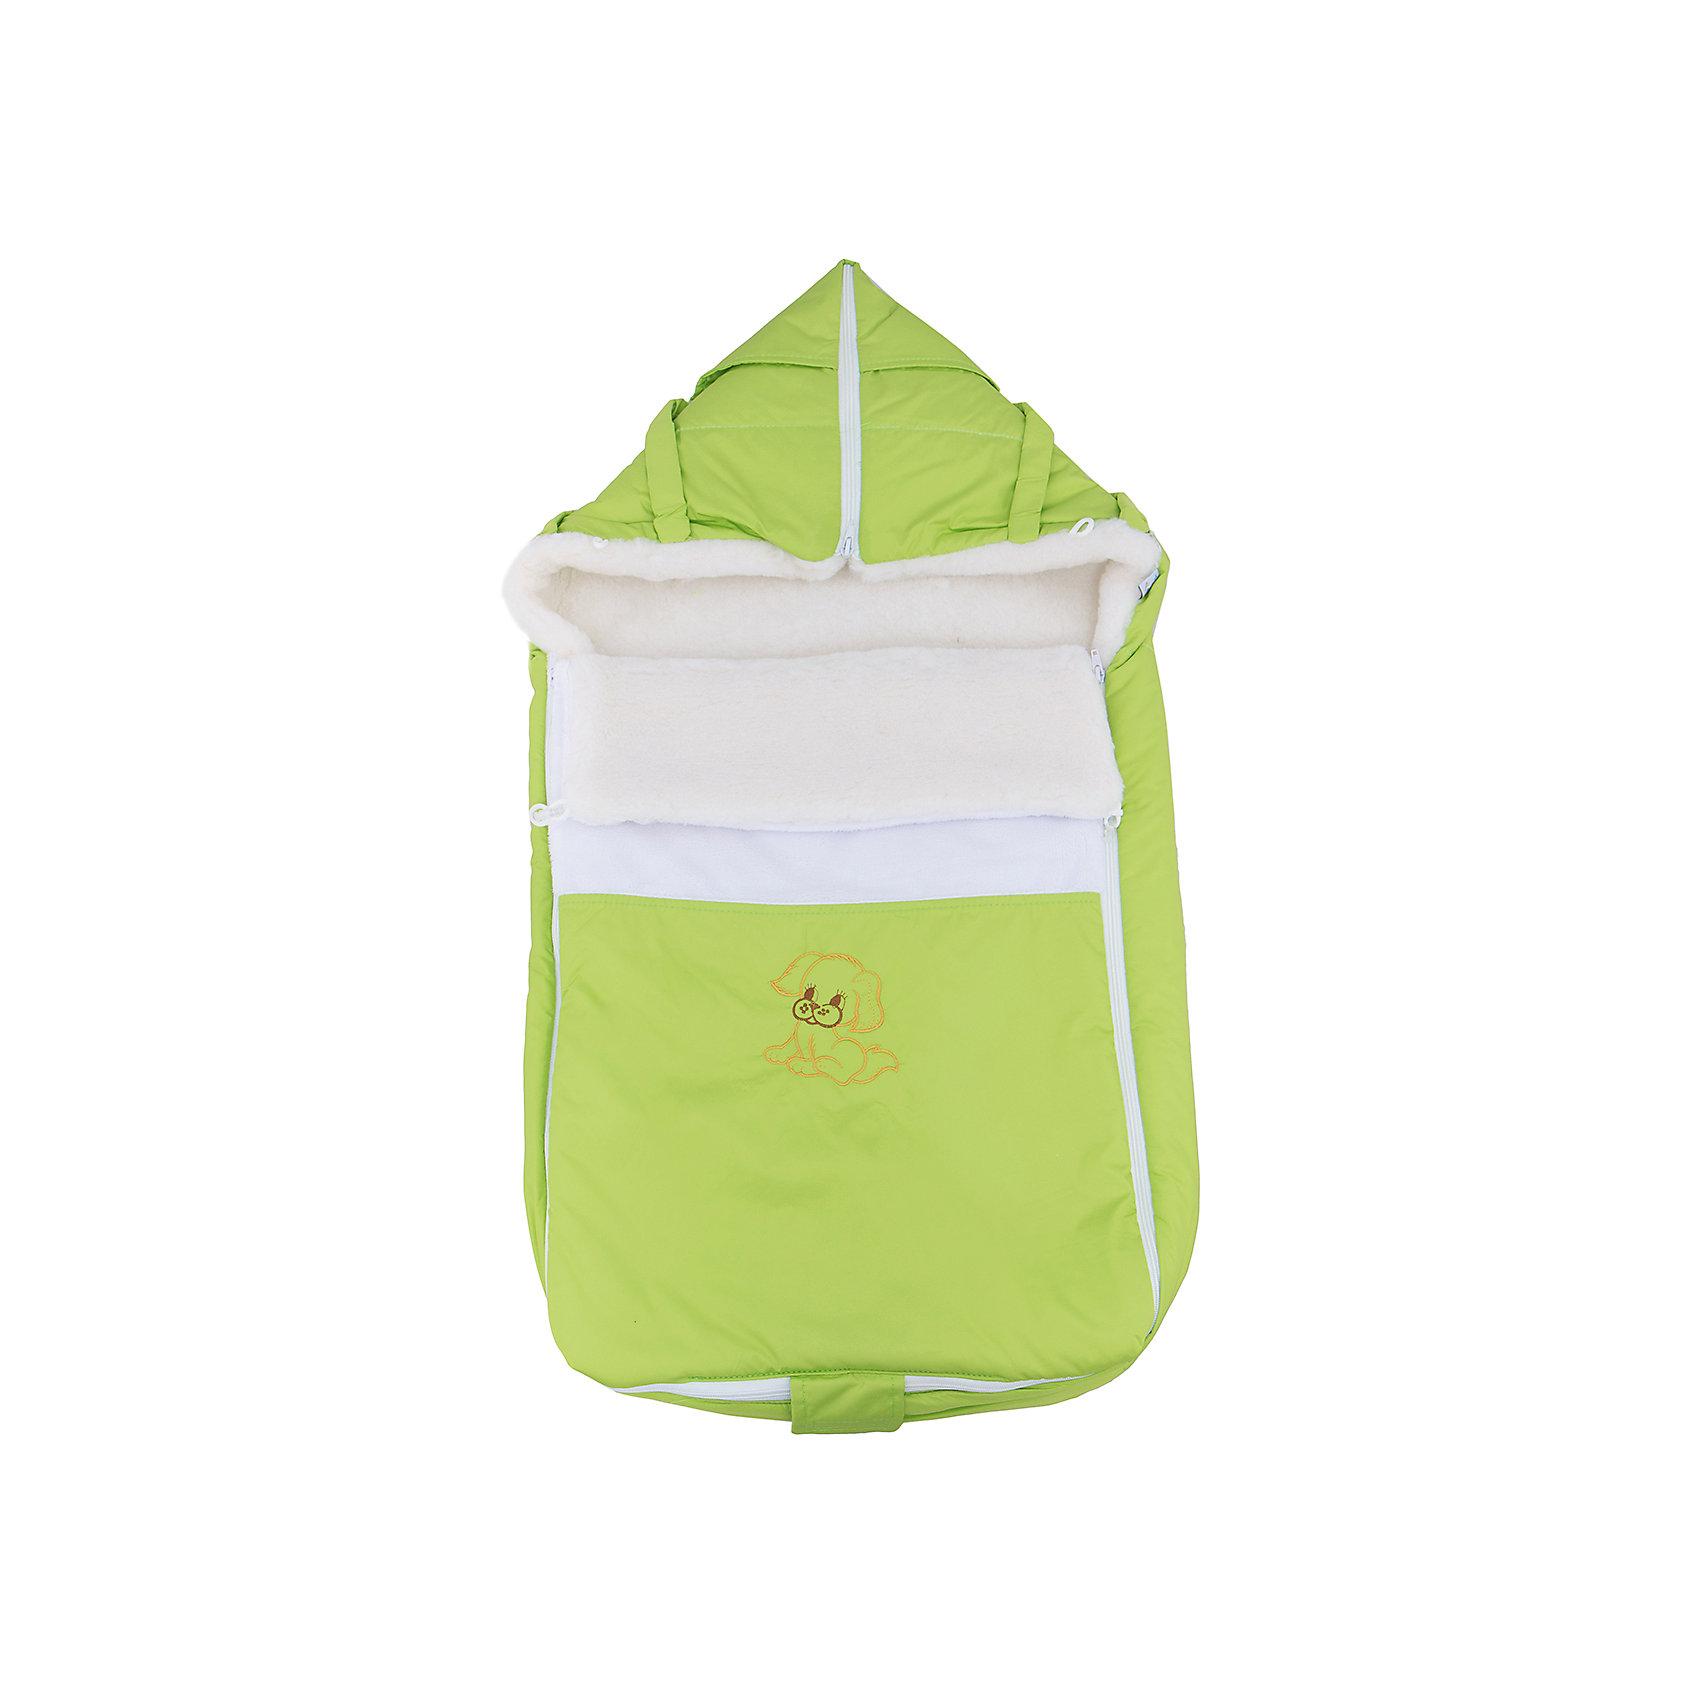 Меховой конверт Ладушка, Топотушки, зеленыйЗимние конверты<br>Меховой конверт Ладушка, Топотушки, зеленый<br><br>Характеристики:<br><br>-Возраст: от 0 до 7 месяцев<br>-Цвет: зеленый<br>-Материал: - влагостойкая ткань снаружи<br>-теплый мех внутри<br><br>Меховой конверт Ладушка, Топотушки, зеленый согреет вашего малыша в холодное время года. Благодаря материалу, конверт не промокнет при контакте с водой. Это защитить ребёнка от простуды. В то же время конверт не будет препятствовать поступлению воздуха. По бокам находятся две молнии, поэтому вы сможете быстро и удобно расстегнуть конверт, не потревожив малыша. Конверт трансформируется в плед или теплую подкладку. С меховым конвертом Ладушка прогулки вашего малыша станут теплыми и комфортными. <br><br>Меховой конверт Ладушка, Топотушки, зеленый можно приобрести в нашем интернет-магазине.<br><br>Ширина мм: 780<br>Глубина мм: 420<br>Высота мм: 50<br>Вес г: 500<br>Возраст от месяцев: 0<br>Возраст до месяцев: 7<br>Пол: Унисекс<br>Возраст: Детский<br>SKU: 5086348